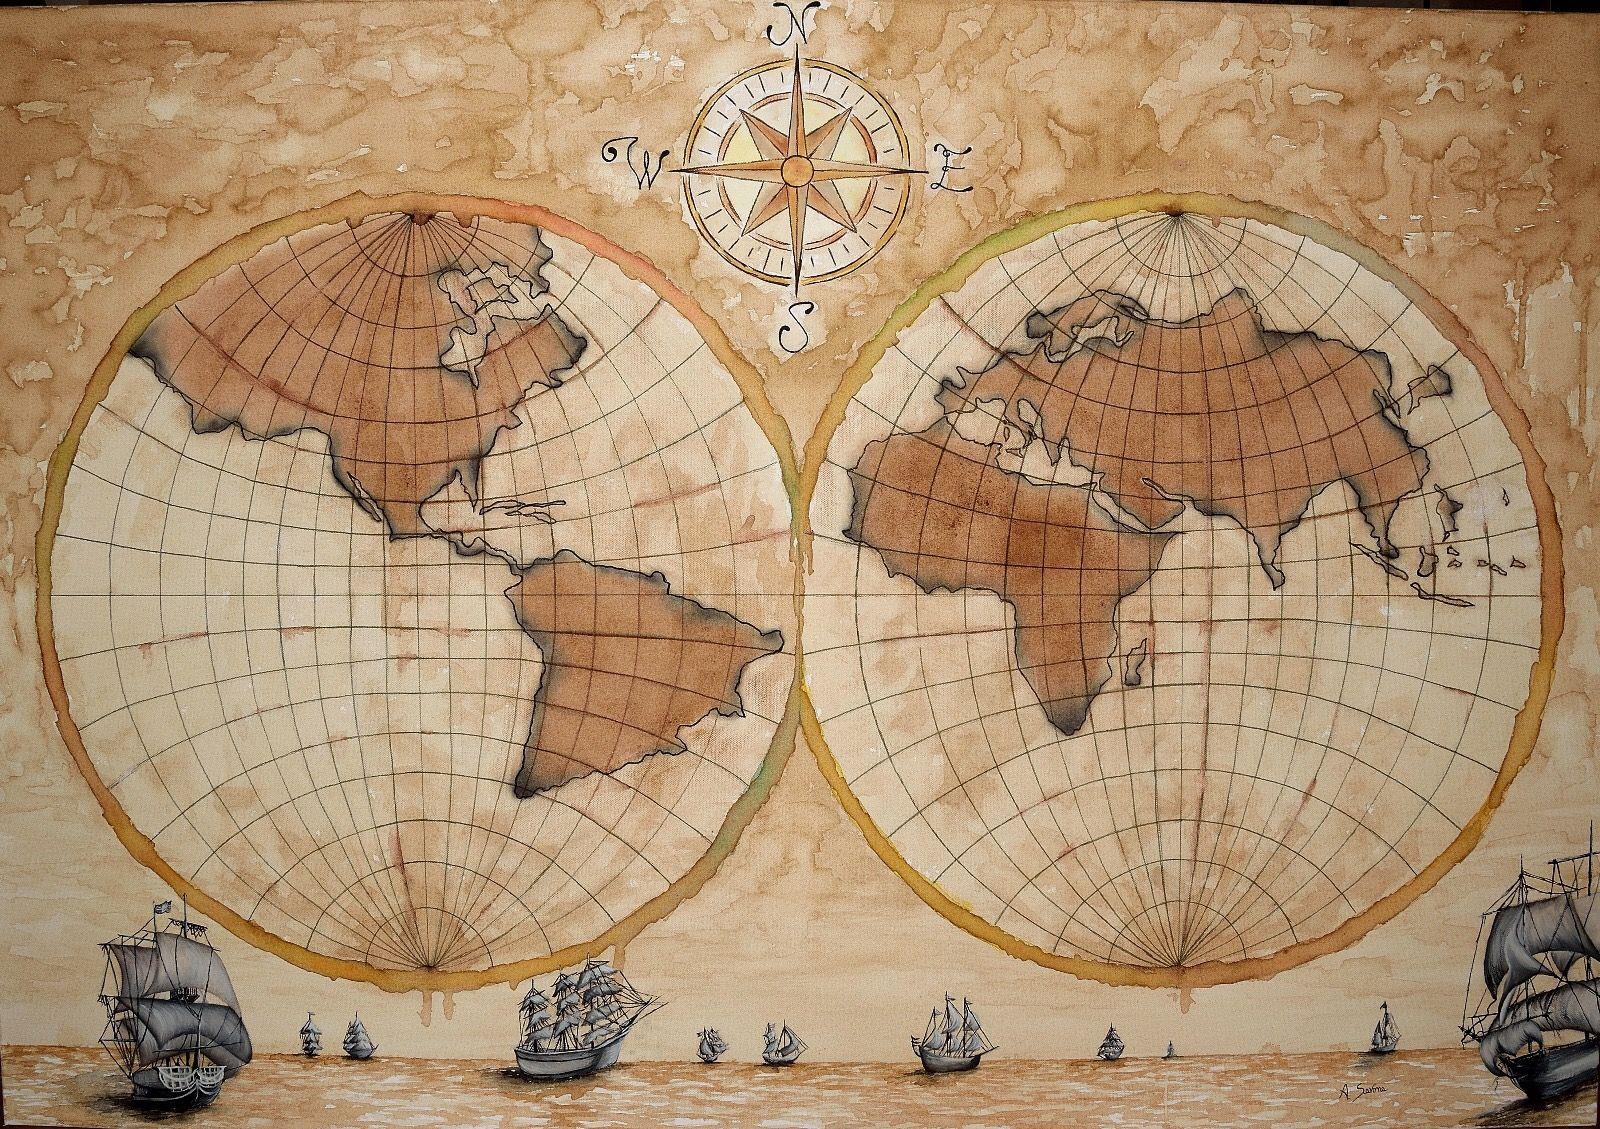 Cartina Geografica Mondo Quadro.Autrice Antonella Savona Titolo Mondo Antico Dimensioni 130x90 Il Quadro Rappresenta Una Vecchia Cartina Geografica In Cui E Geografia Mondo Vintage Geografia